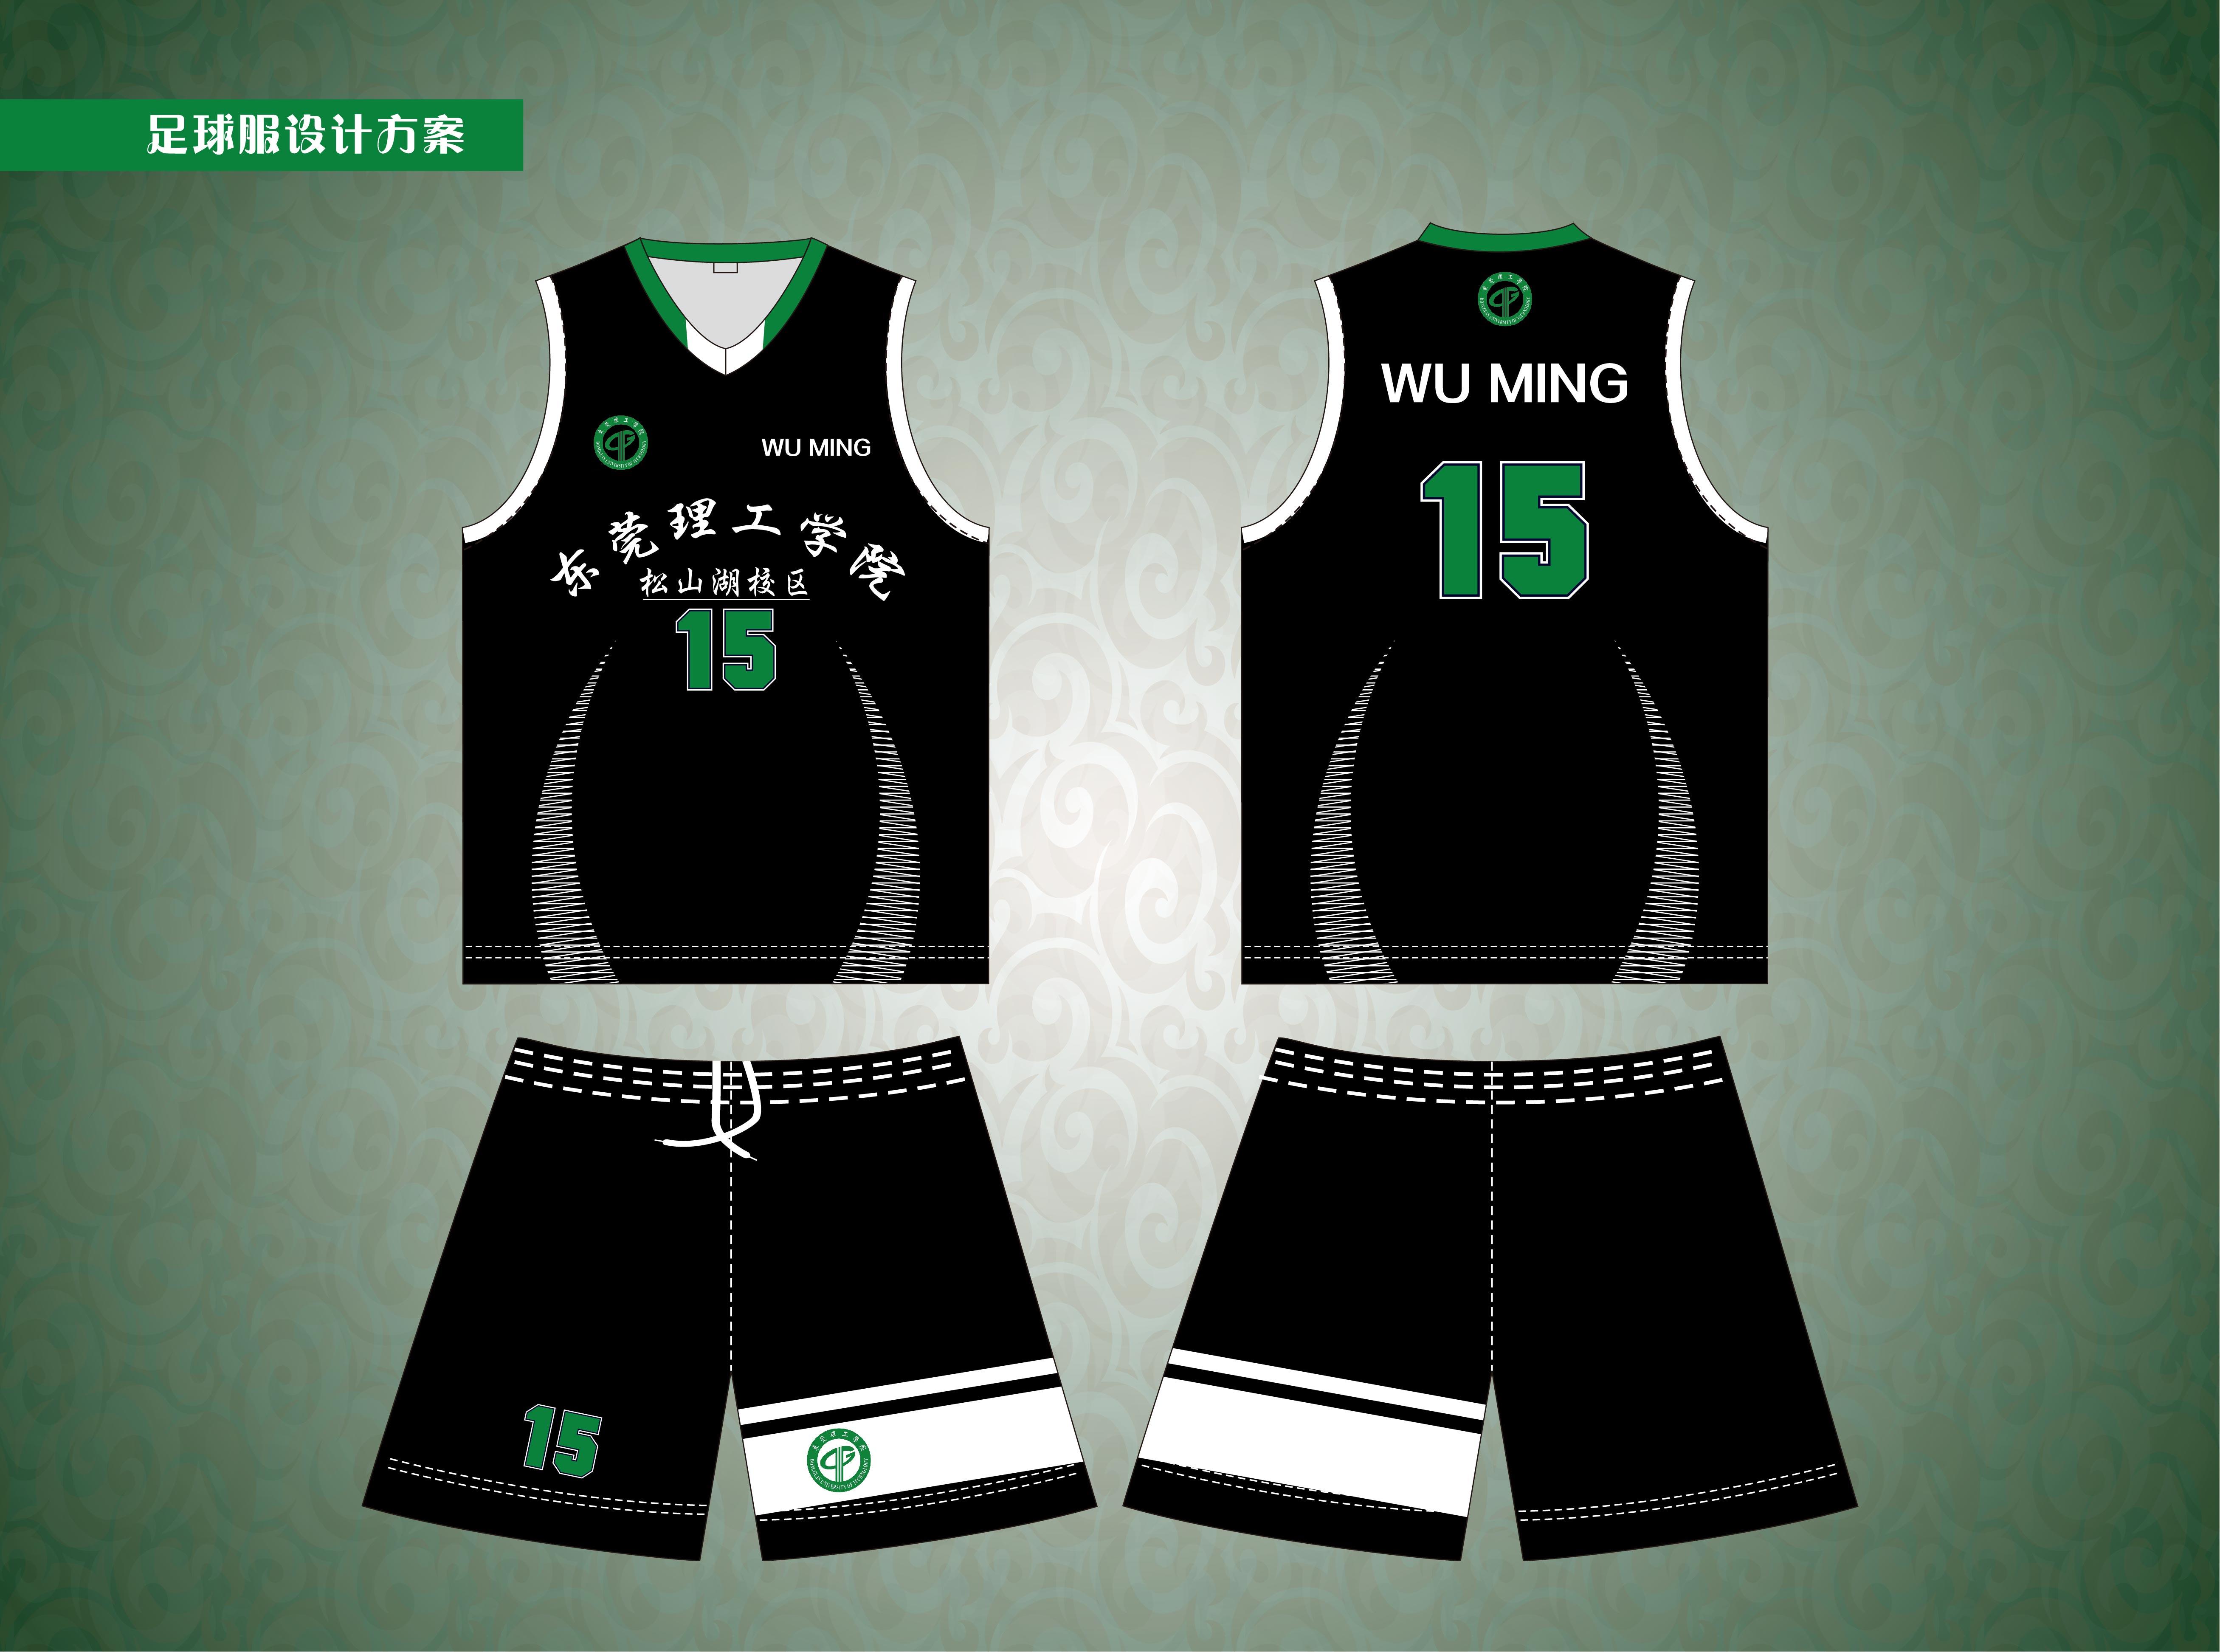 行美服装设计足球服设计俱乐部团队篮球服设计定制加名字logo图片